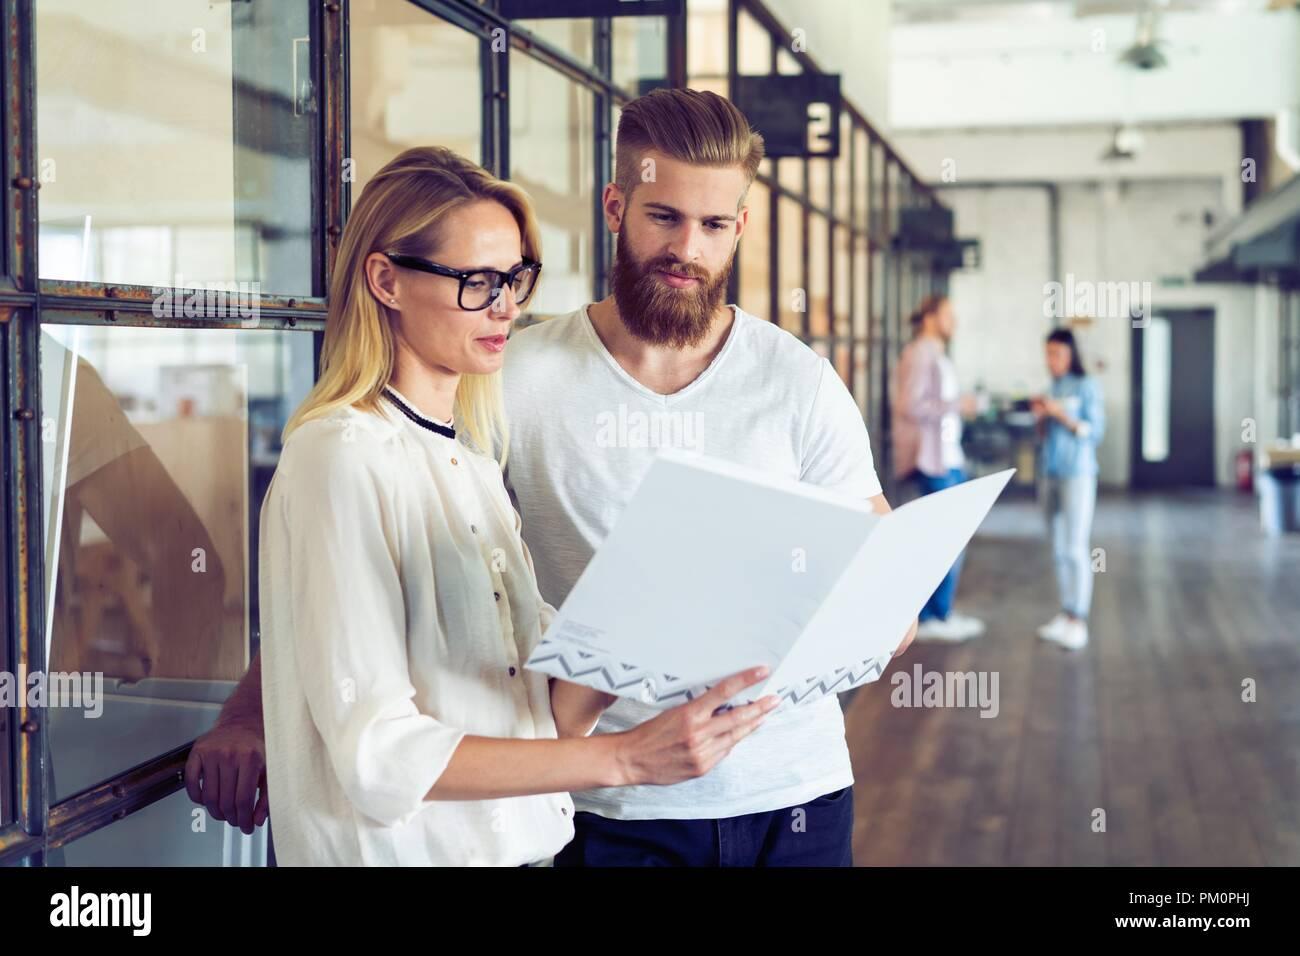 Partager des idées nouvelles. Groupe de jeunes gens d'affaires de smart casual wear talking and smiling tout en se tenant dans le couloir. bureau Photo Stock